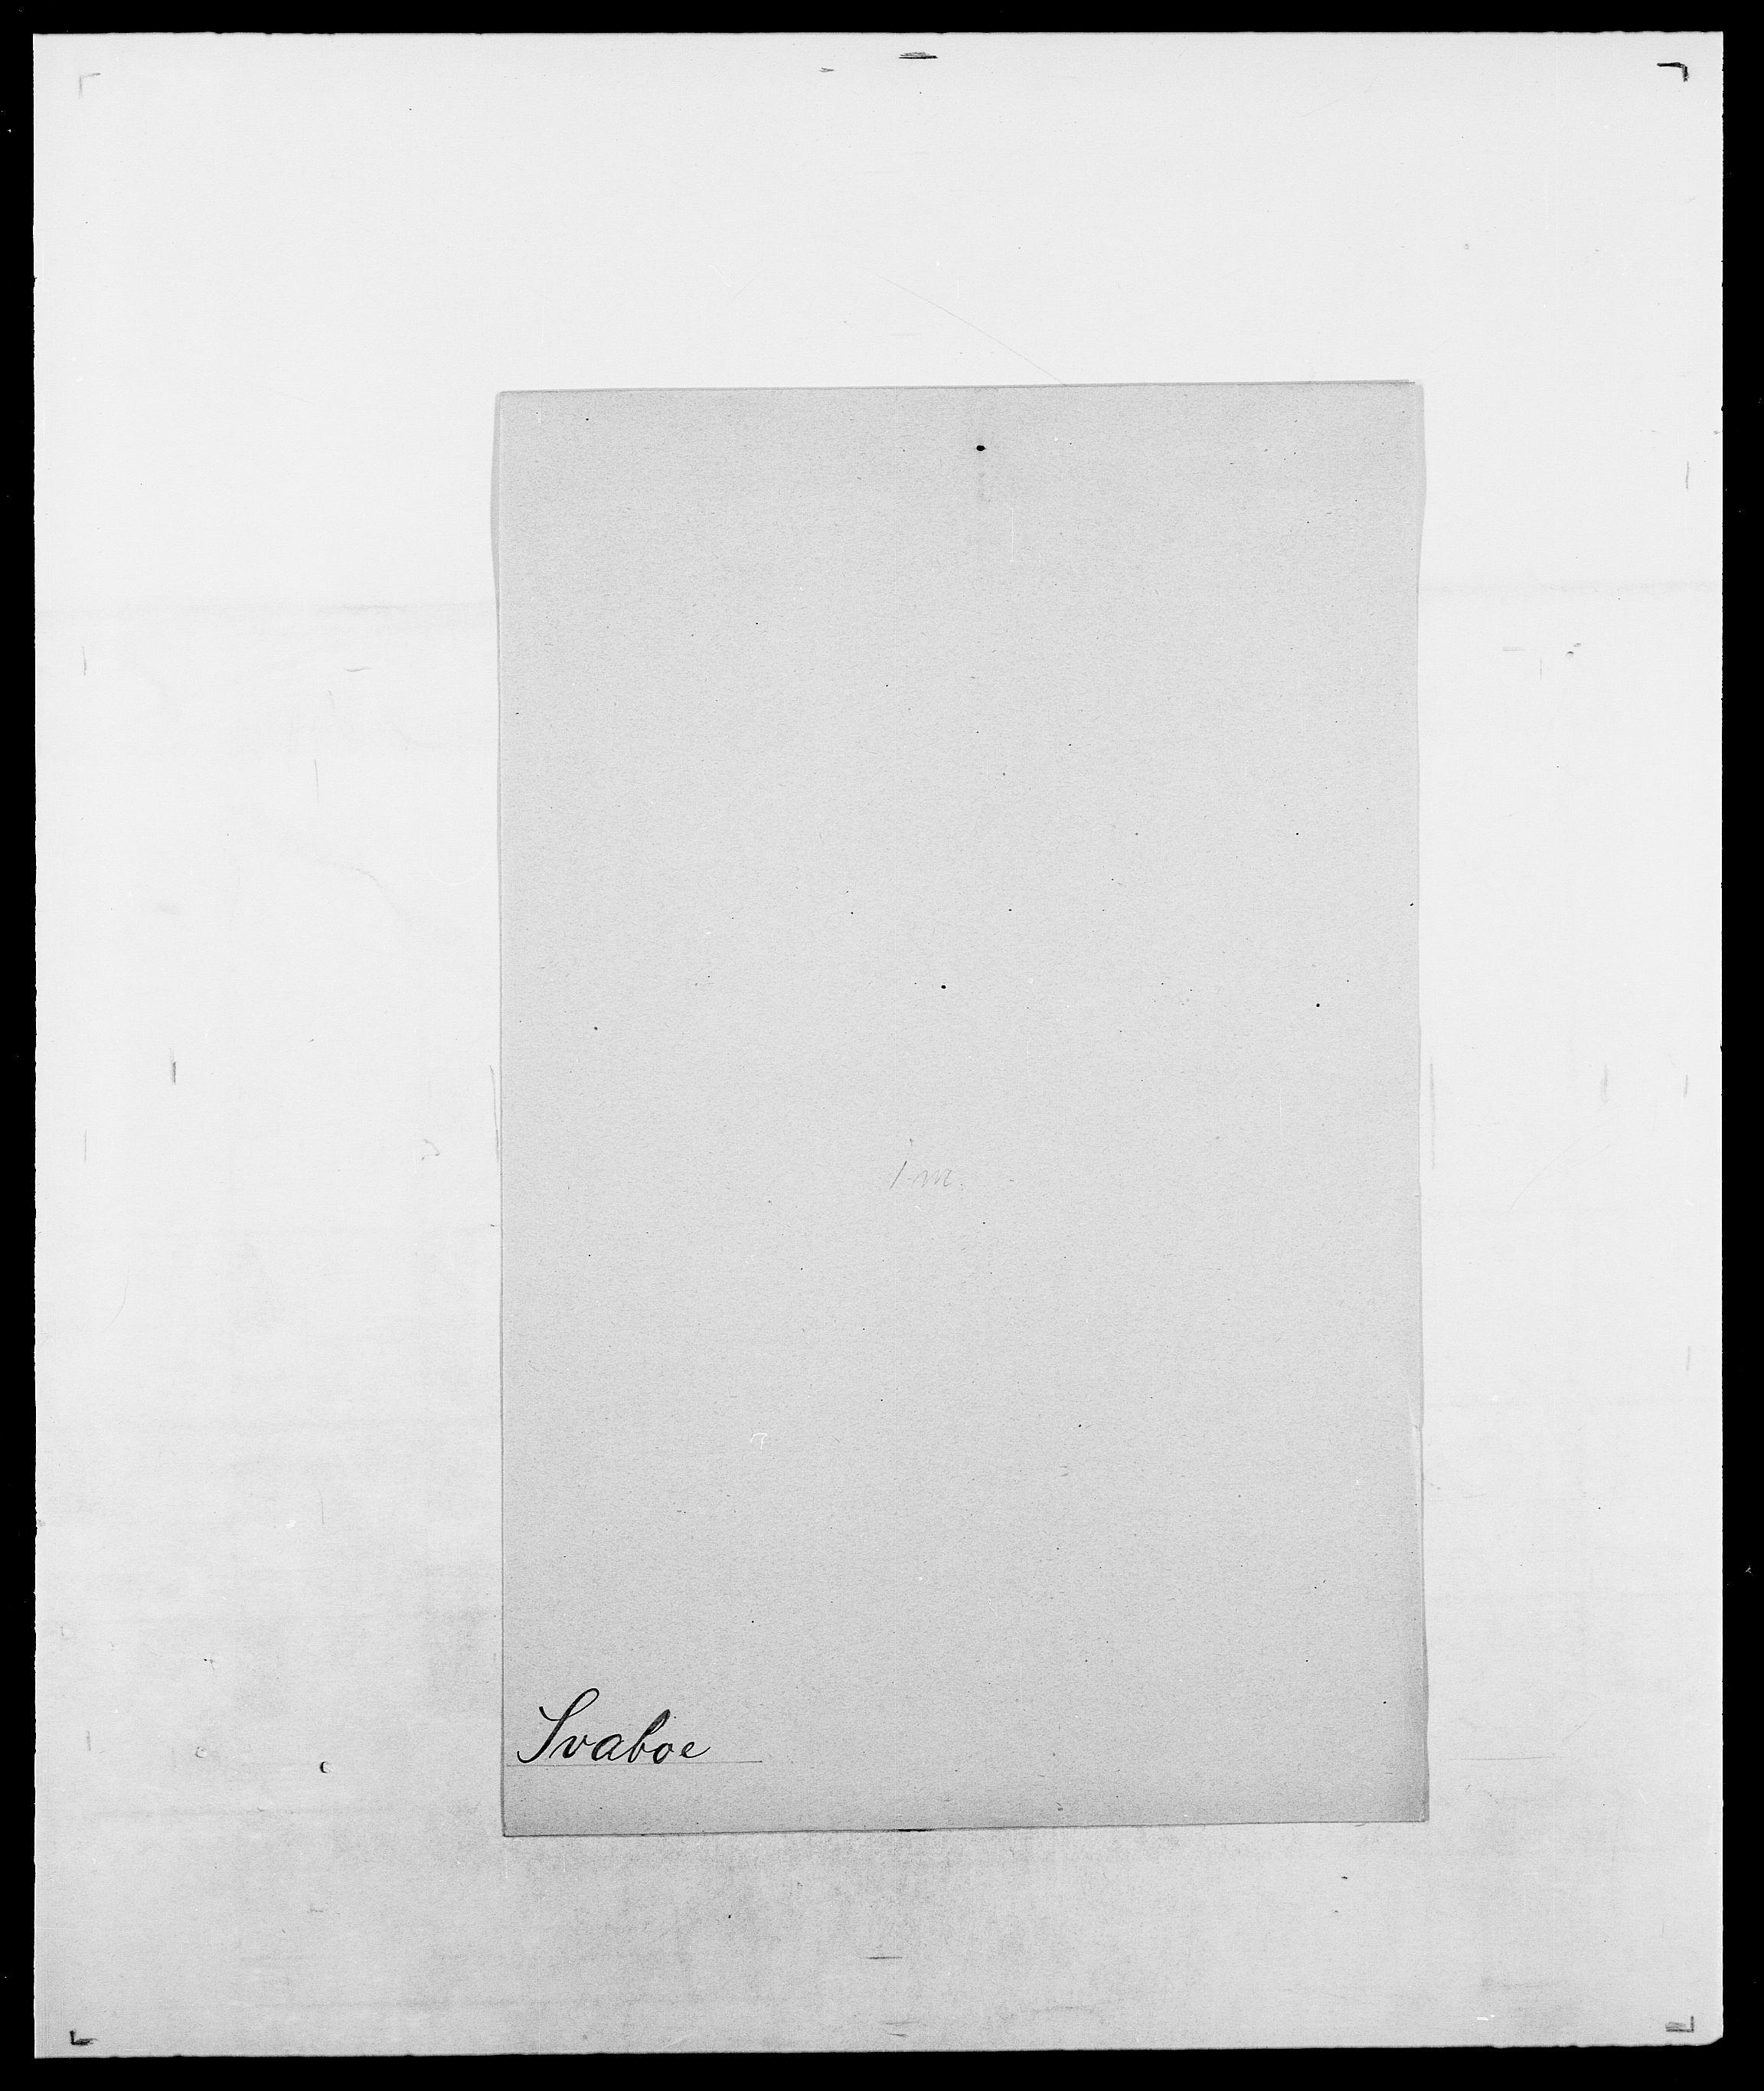 SAO, Delgobe, Charles Antoine - samling, D/Da/L0037: Steen, Sthen, Stein - Svare, Svanige, Svanne, se også Svanning og Schwane, s. 967